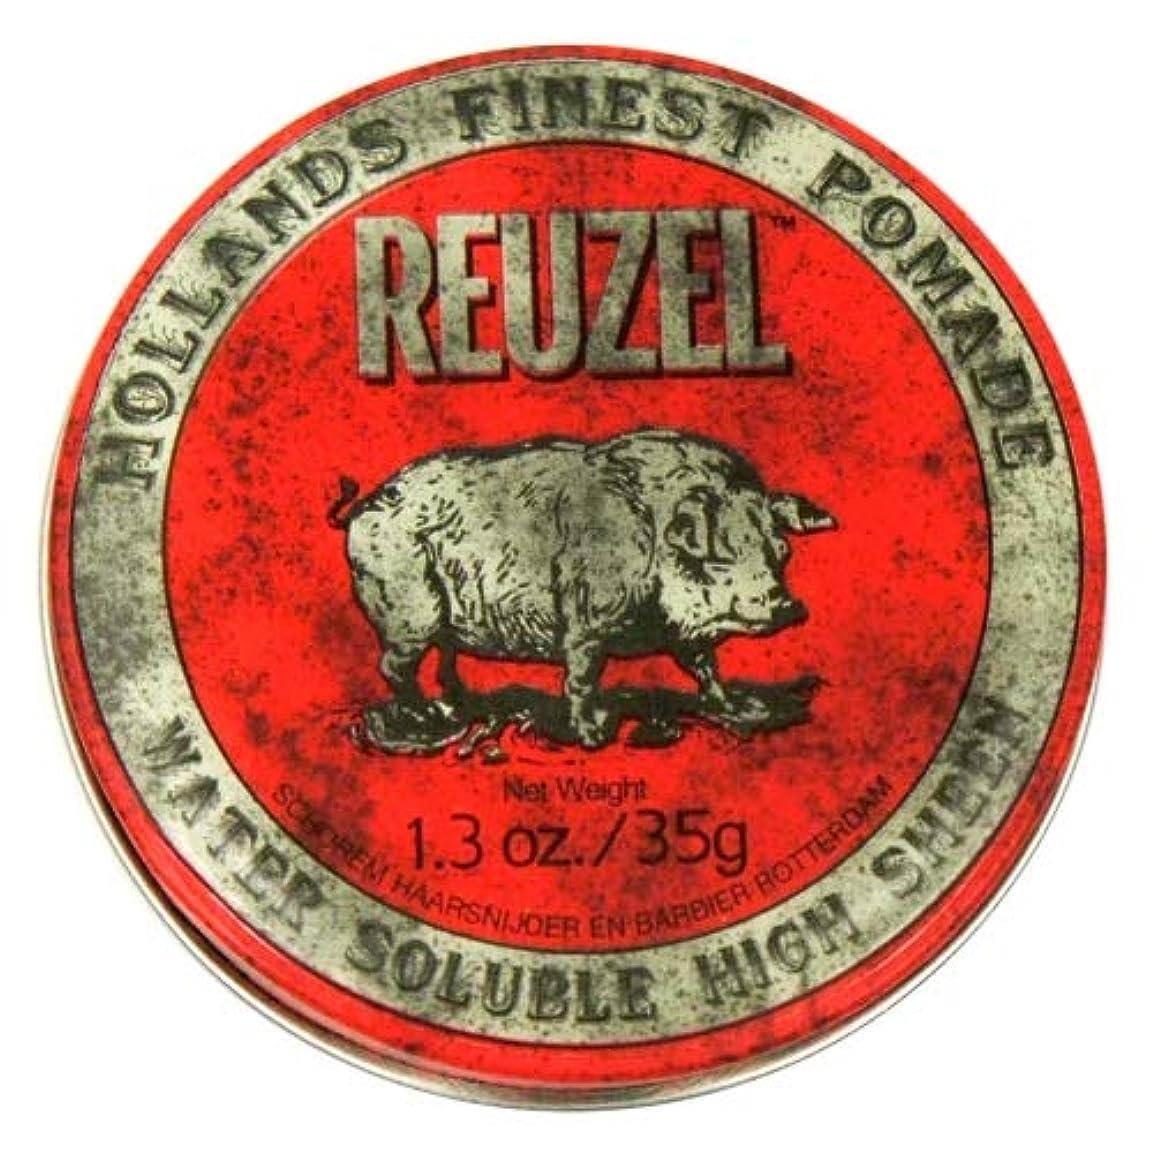 不安定な安西抜本的なルーゾー レッド ハイシーン ポマード Reuzel Red Water Soluble High Sheen Pomade 35 g [並行輸入品]